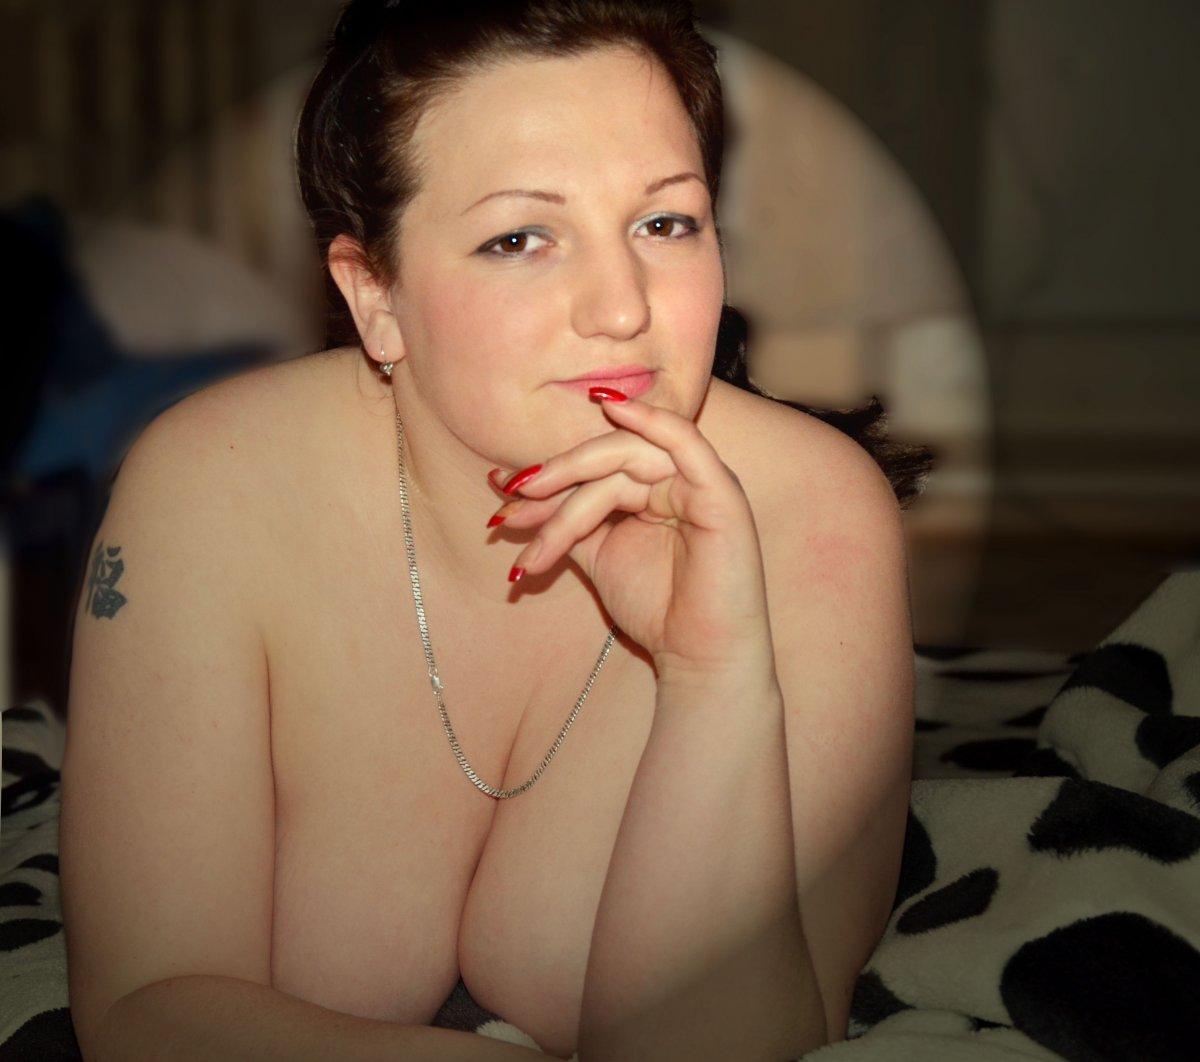 znakomstva-s-prostitutkami-vzroslie-tomsk